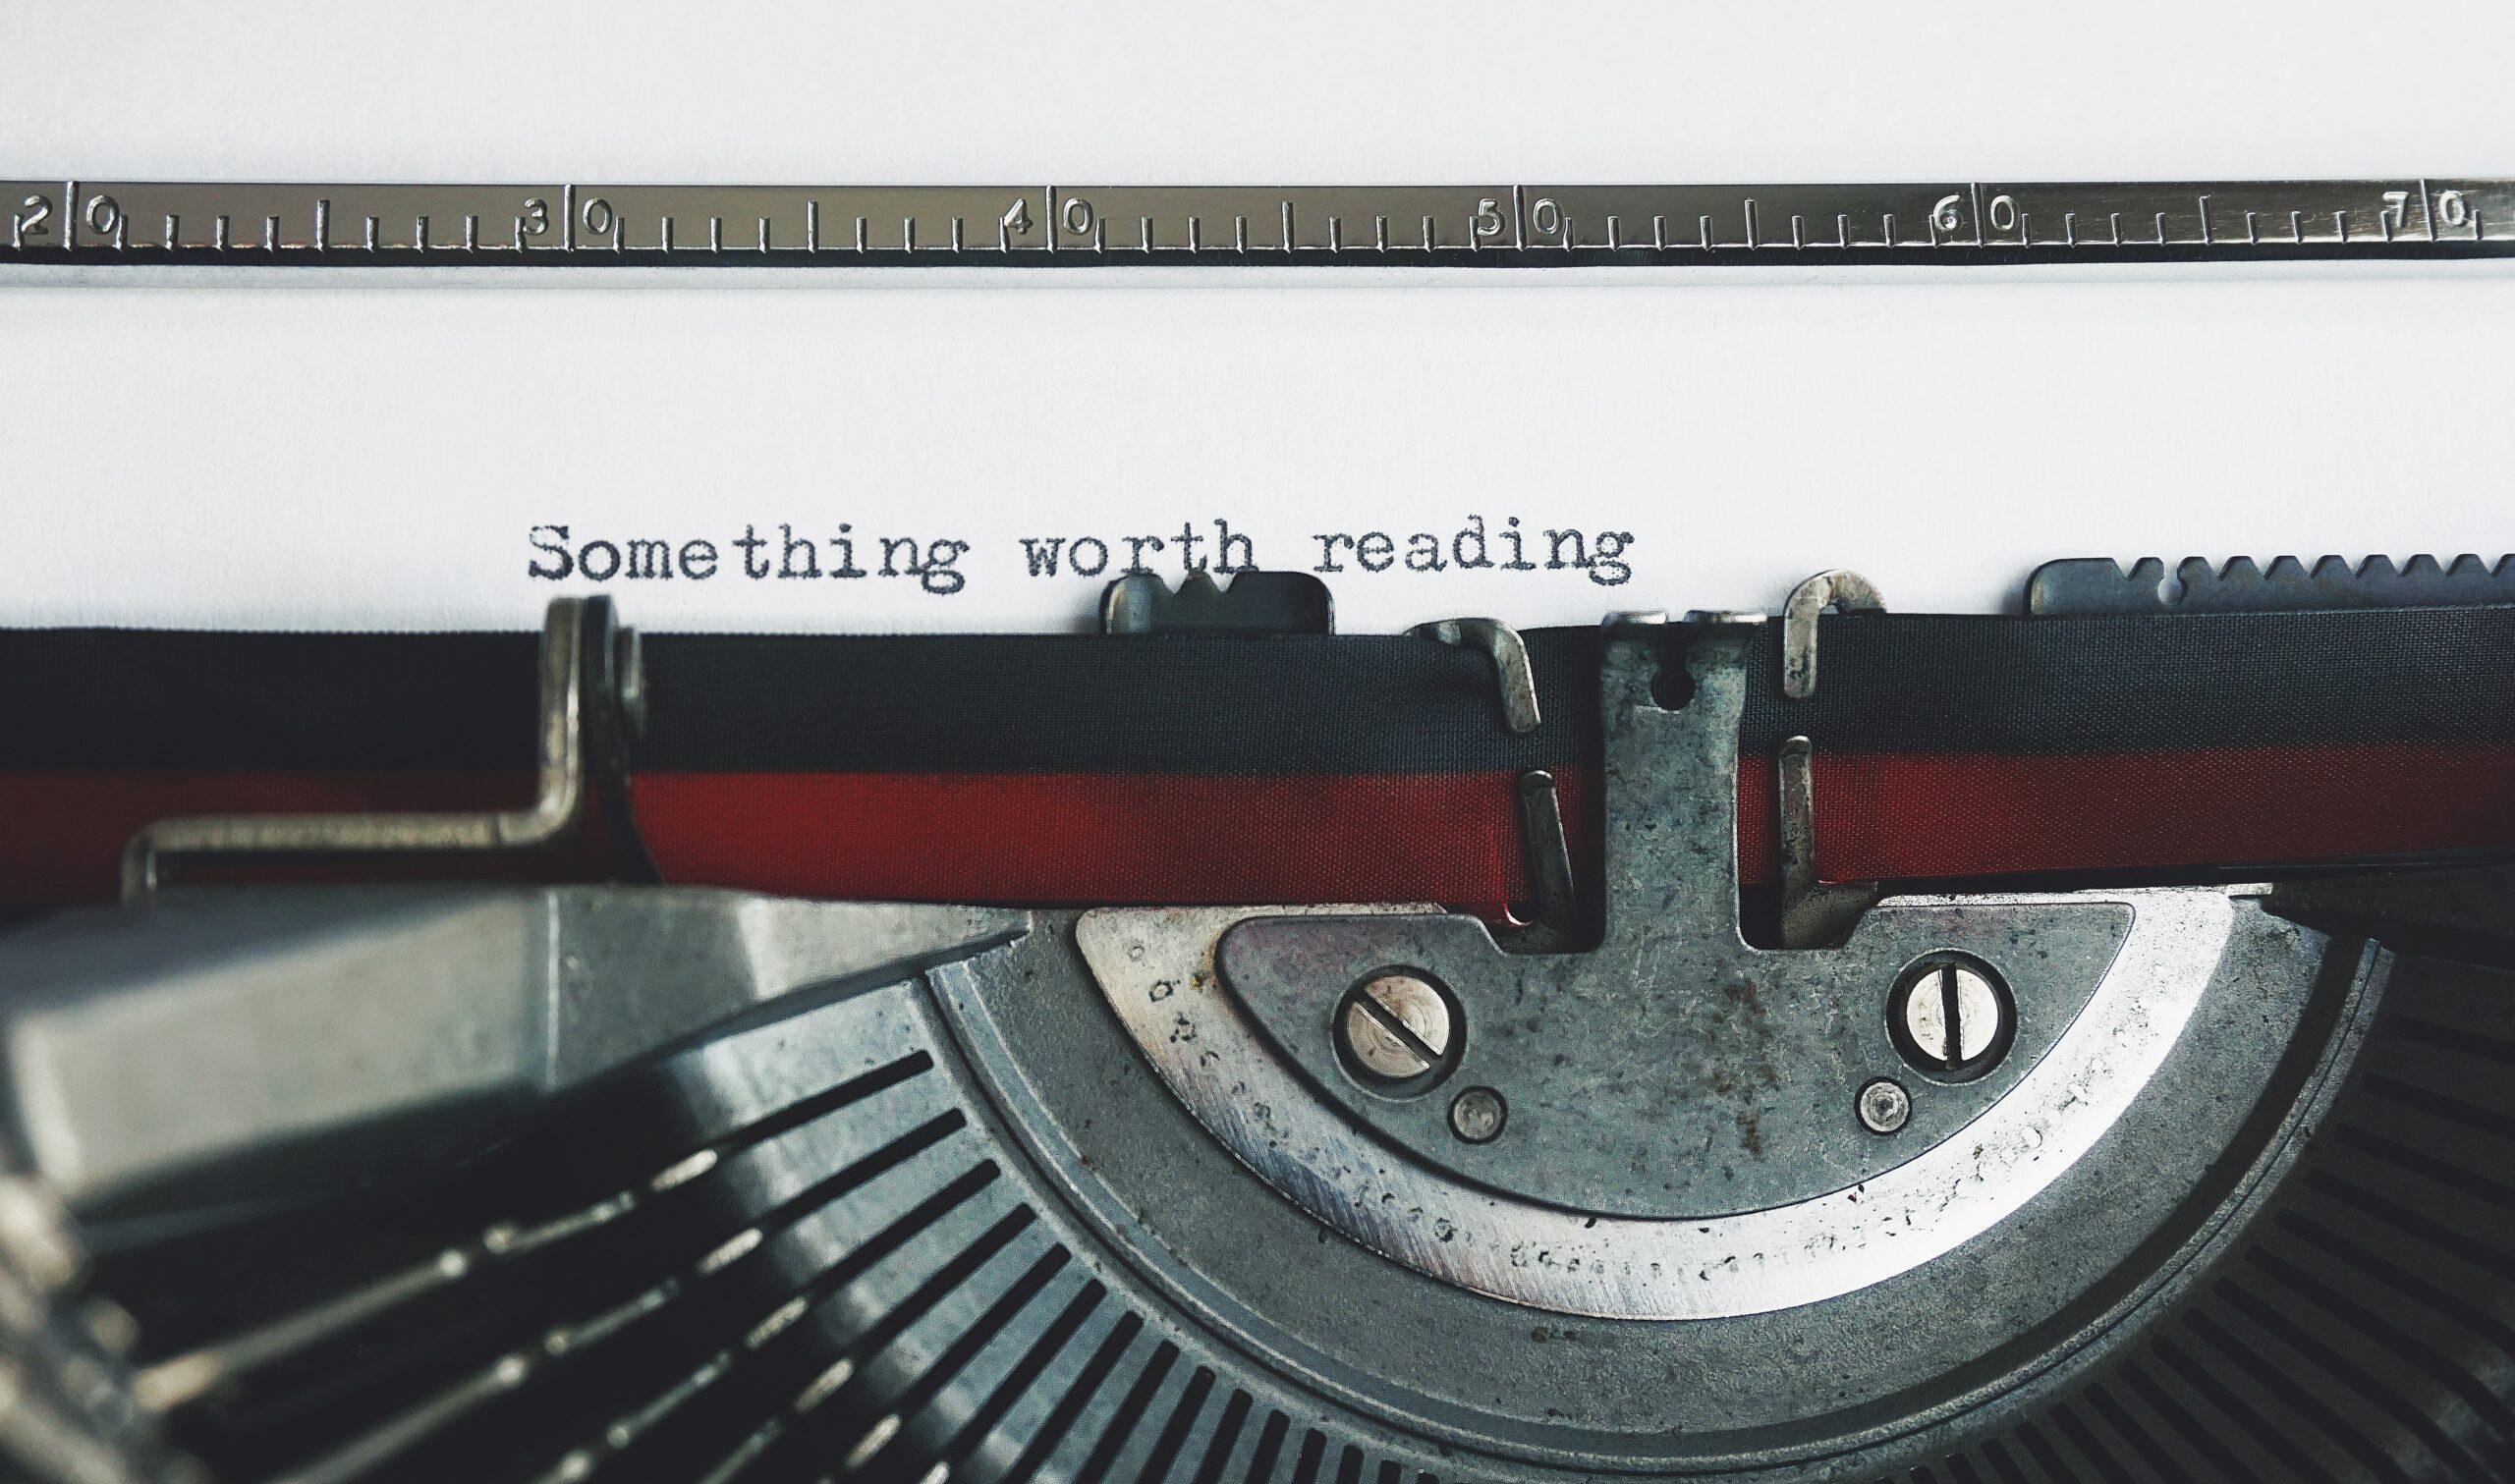 Typewriter - Rachel Writes blog writing services